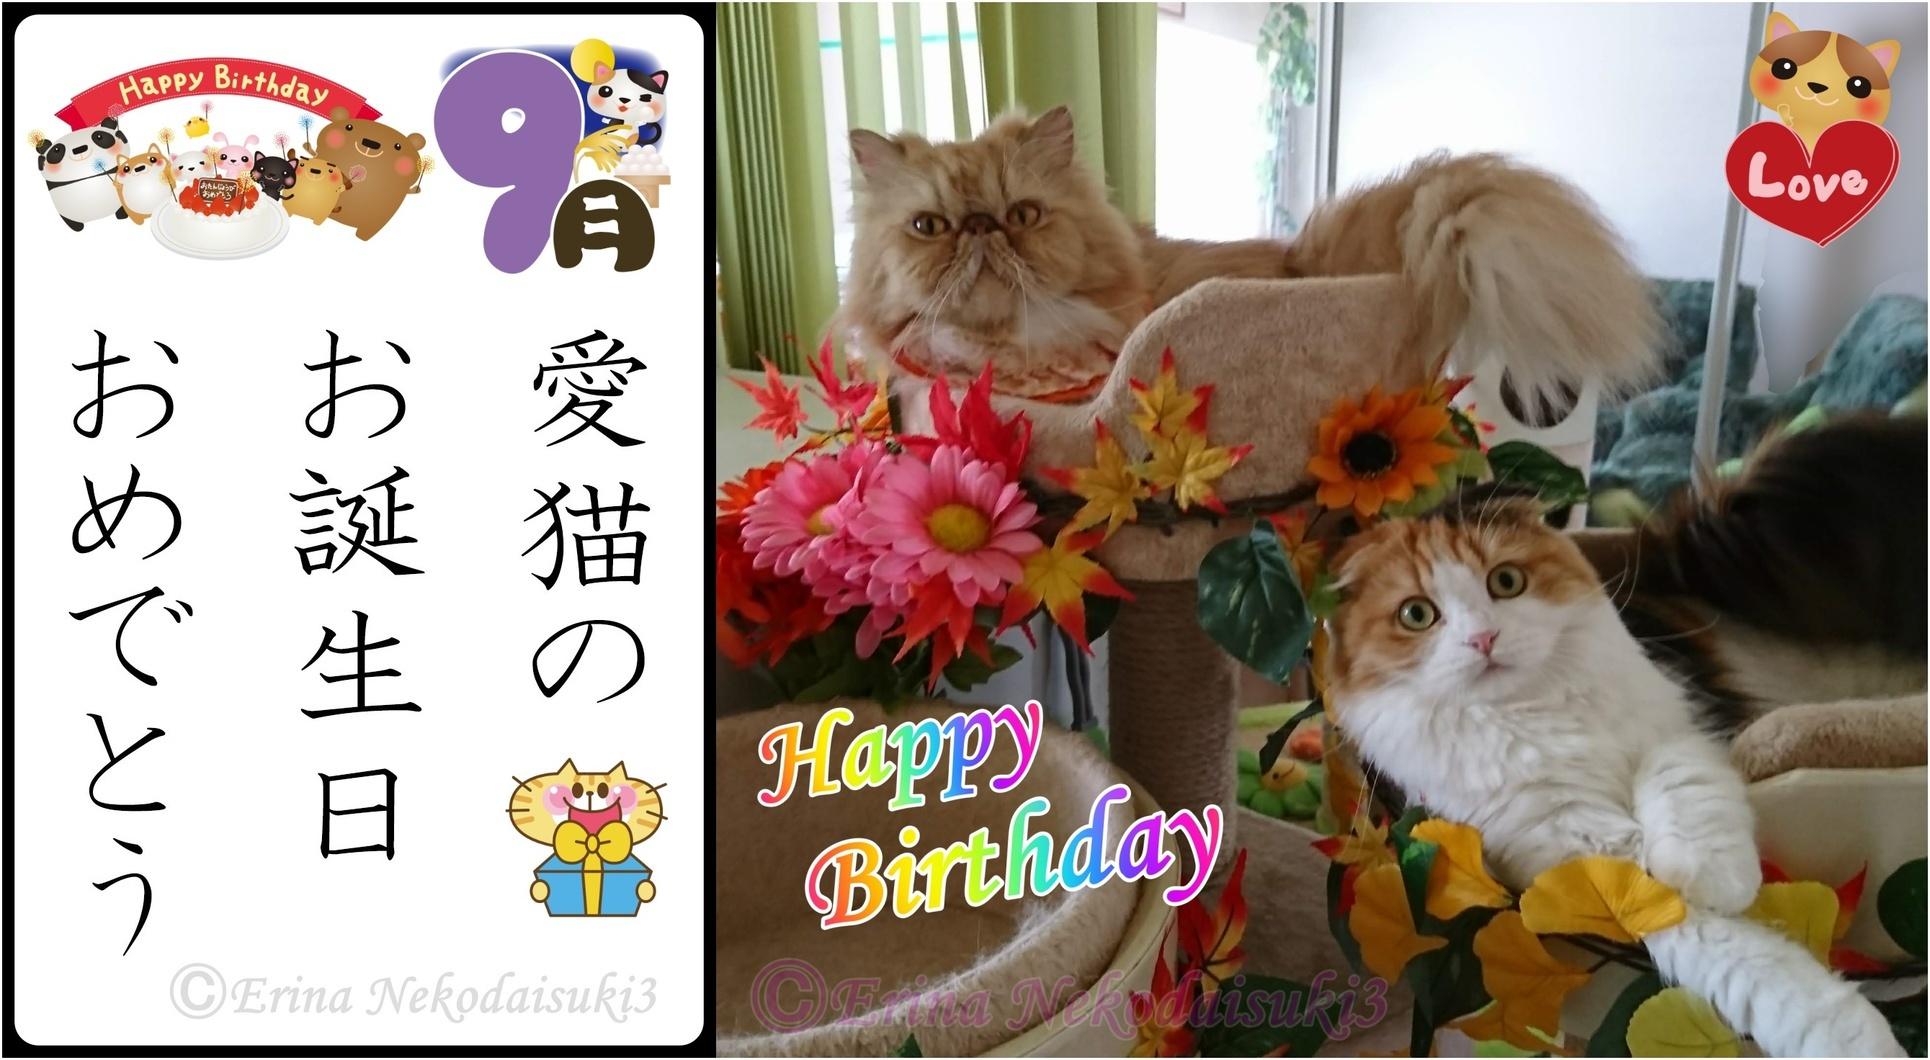 2連結Ⓒルネとレナ秋猫川柳愛猫のお誕生日おめでとう-side.jpg